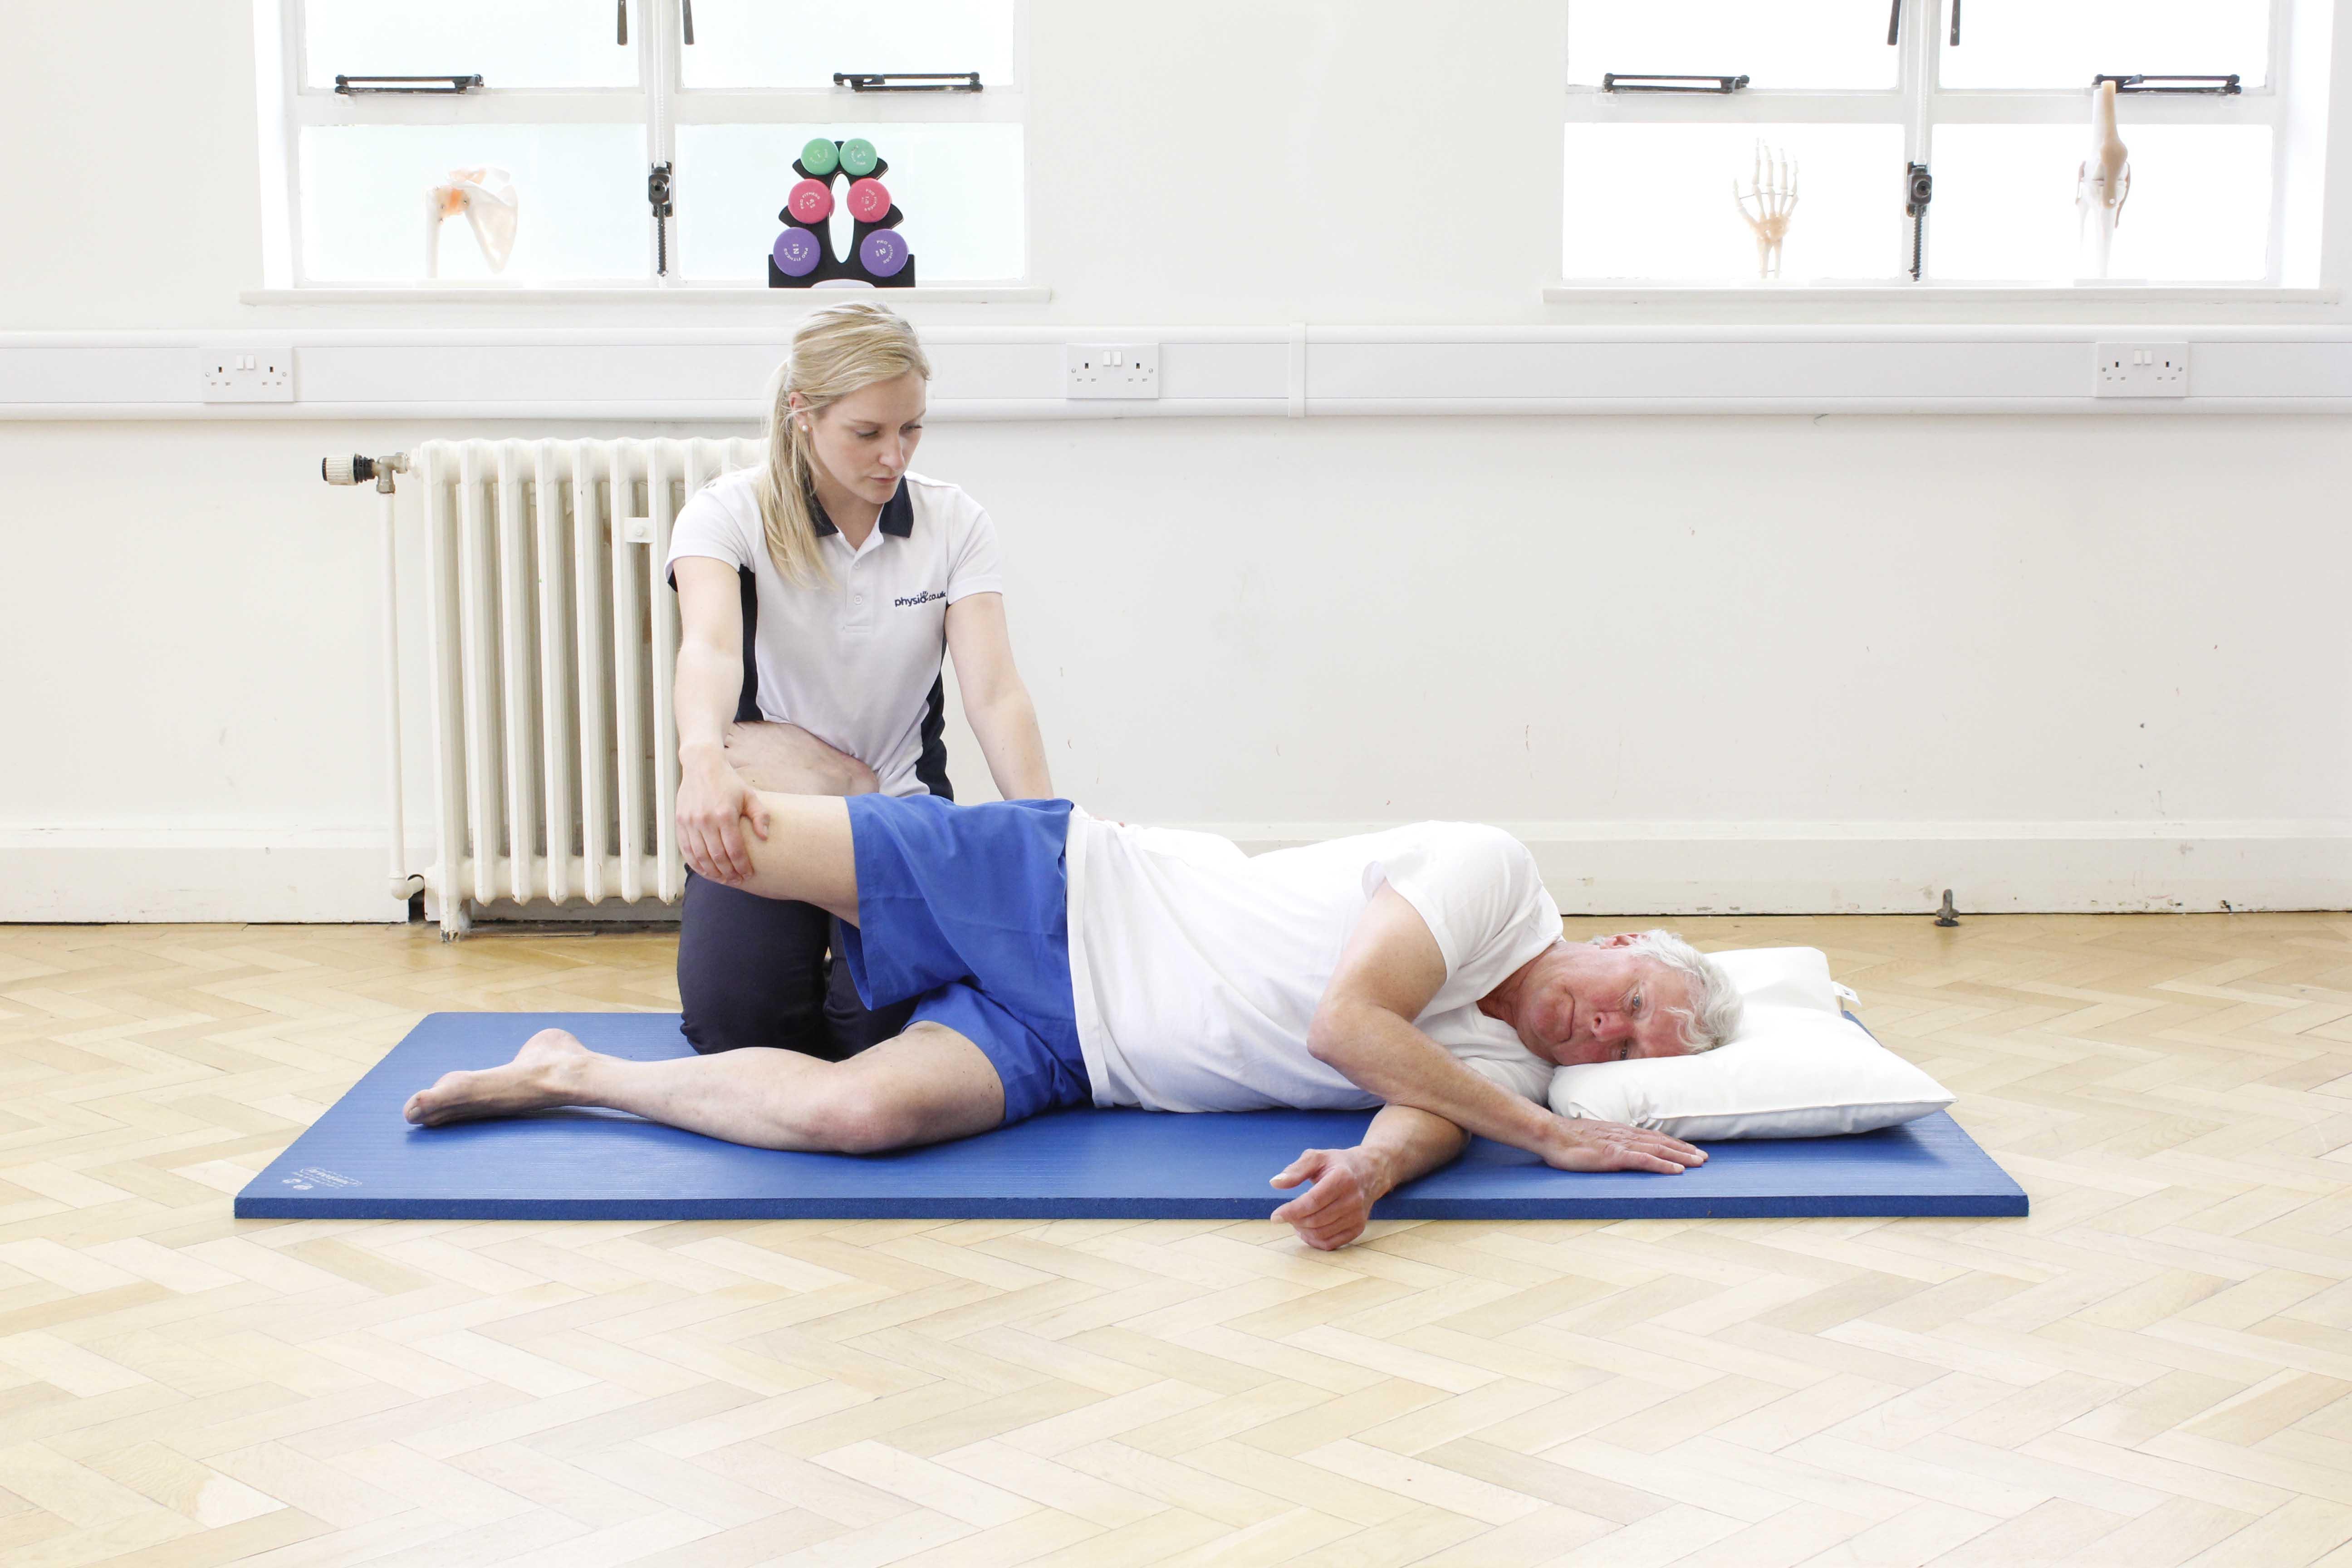 magas vérnyomás kezelés standard hármas kombináció hipertóniával lehet-e síelni